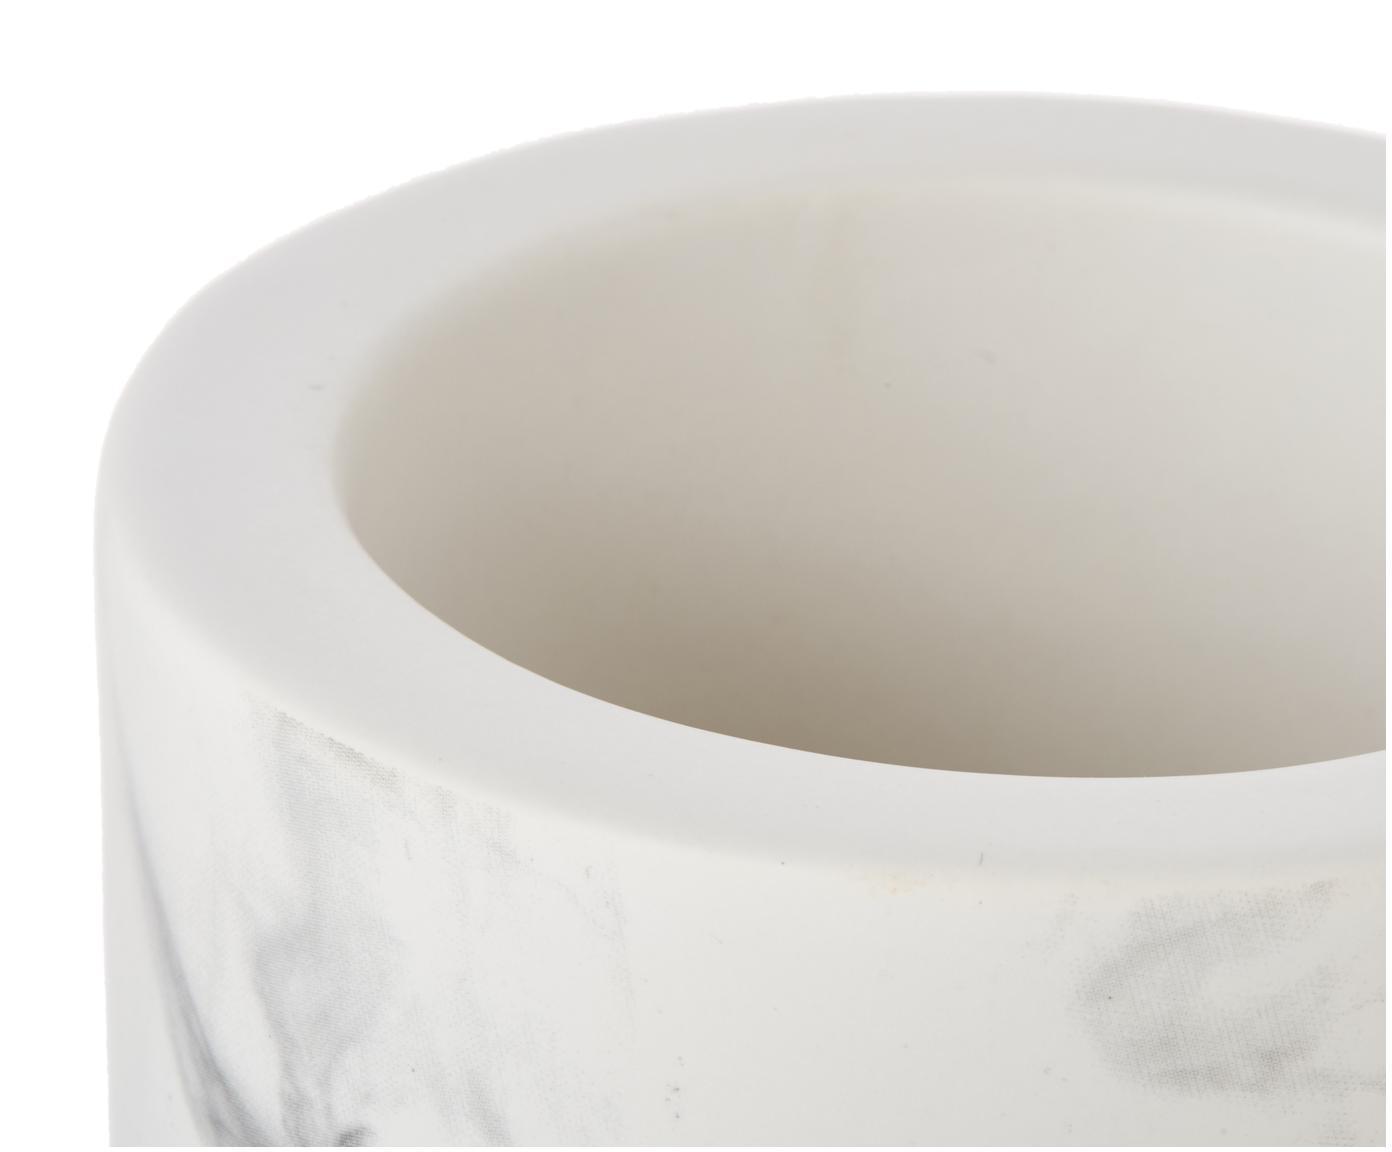 Szczotka toaletowa z ceramiki Daro, Biały, czarny, Ø 10 x W 43 cm